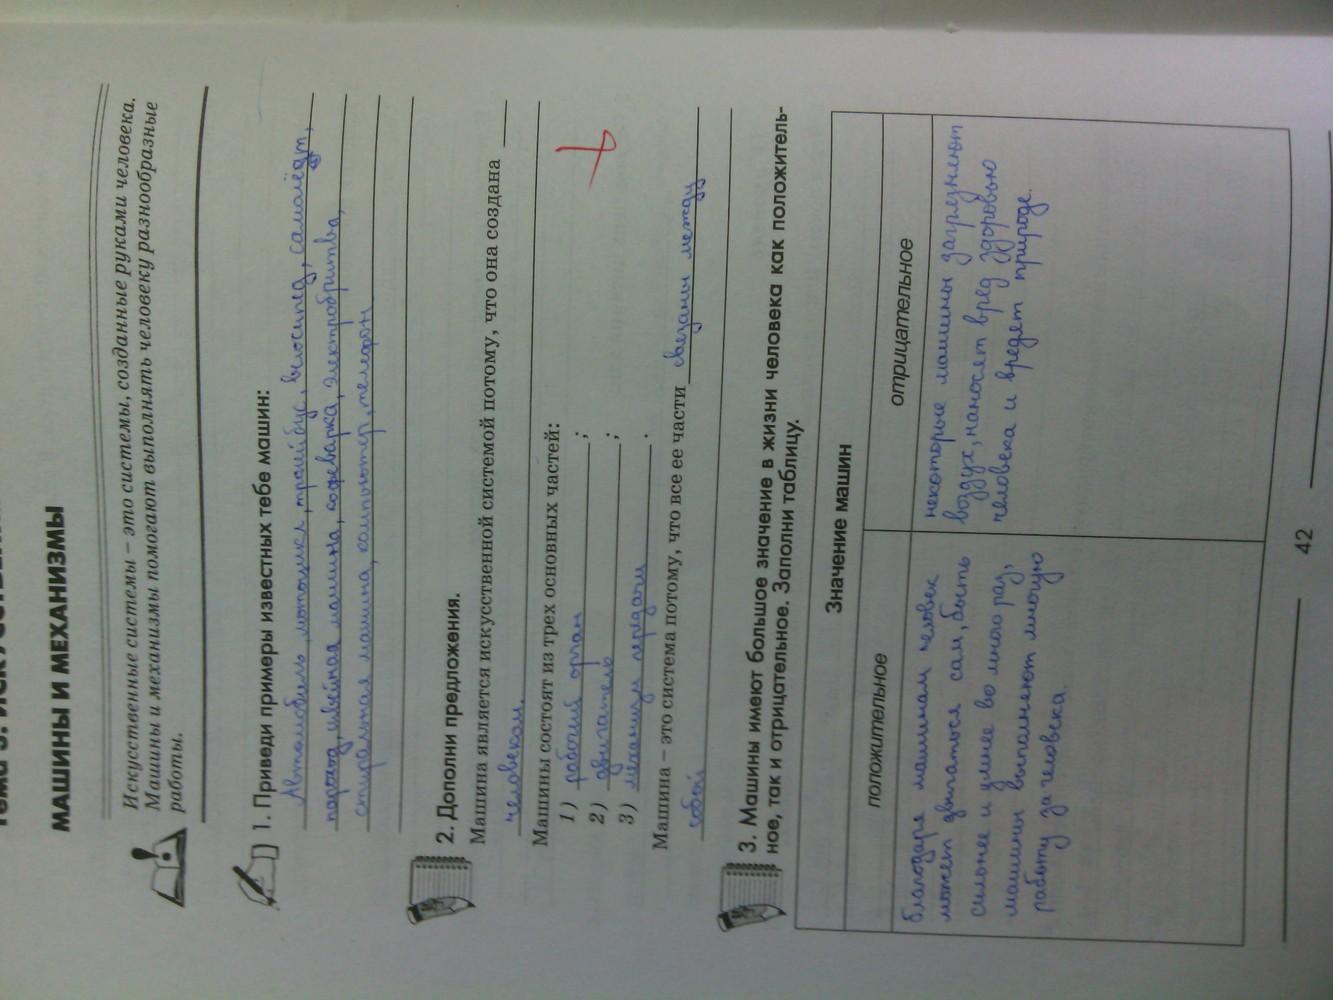 ГДЗ відповіді робочий зошит по биологии 6 класс Котик, Гусева. Задание: стр. 42